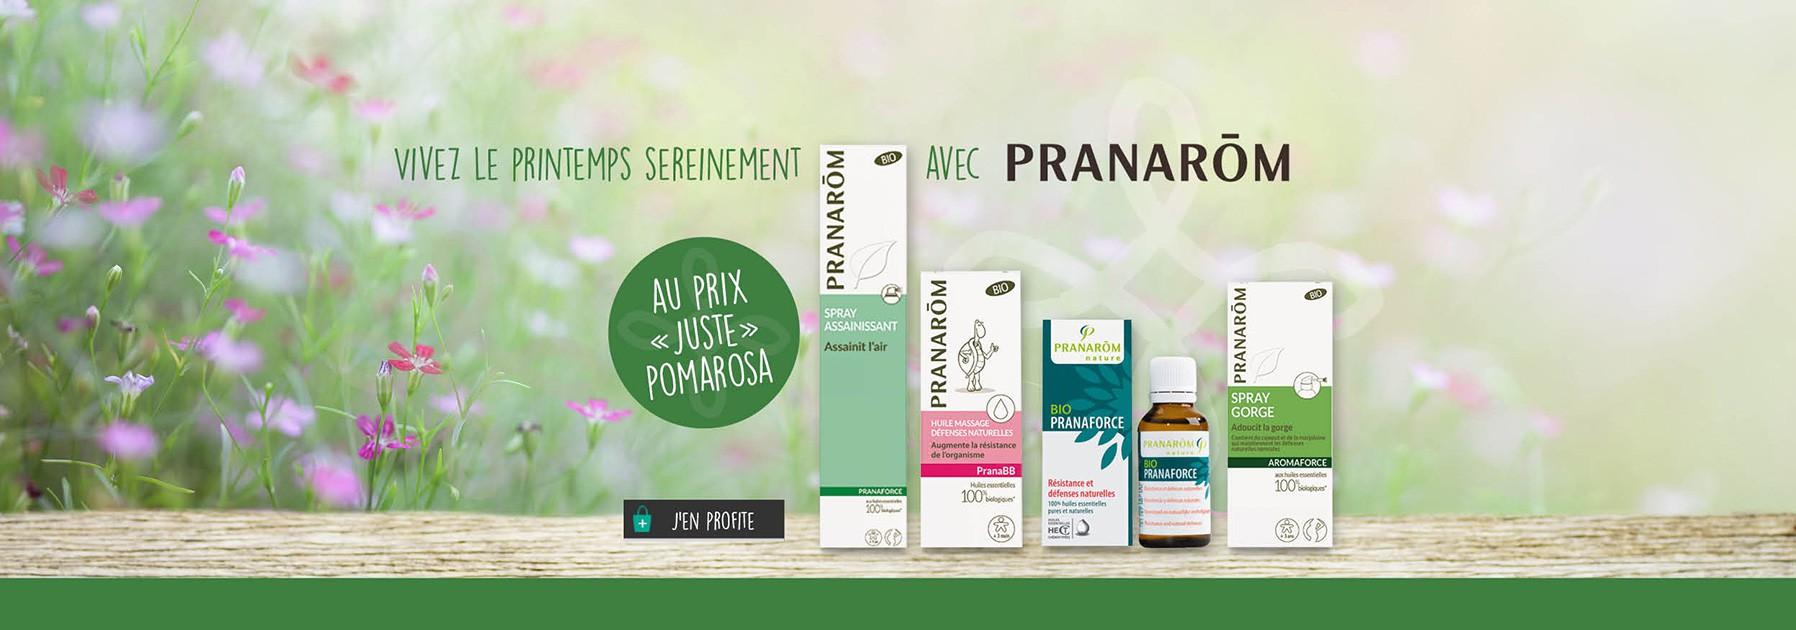 Pranarom, huiles essentielles et aromathérapie